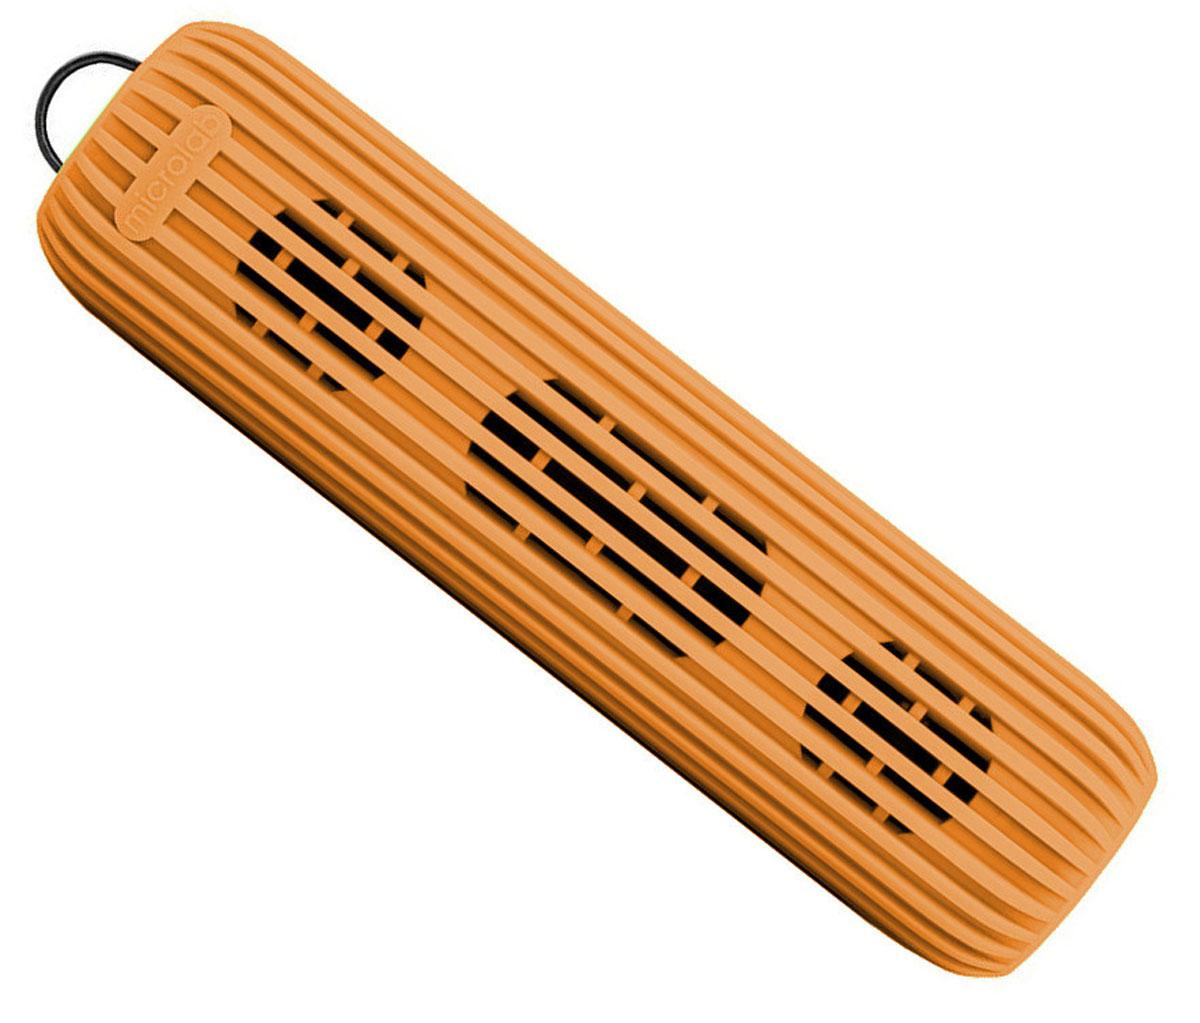 Microlab D21, Orange портативная акустическая система80530Акустическая система необычной формы и дизайна ориентирована на людей, ведущих активный образ жизни. D21 способна стать прекрасным спутником как на небольшом пикнике на природе, так и в долгом походе. Благодаря силиконовому покрытию корпуса, сателлит прощает слушателю небольшие ударные воздействия, а также прекрасно переносит как росу, так и небольшой дождик, что наряду с пылью, может стать фатальным для других портативных акустических систем.Небольшие размеры обеспечивают портативность системы, она не занимает много места и поместится в любом рюкзаке или сумке, а идущий в комплекте шнурок способен закрепить сателлит в походном варианте, позволяя избежать потери колонки.В Bluetooth-режиме при входящем звонке на телефон, можно ответить на звонок через сателлит. Благодаря встроенному в колонку микрофону, телефон искать не обязательно.Колонка способна воспроизводить музыку без источника звука. Чтобы послушать музыку, вам не обязательно разряжать собственный телефон, достаточно вставить Micro SD-card в колонку и наслаждаться любимыми мелодиями.Многообразие цветов. Microlab D21 представлена в 5 цветах, можно выбрать ту расцветку, которая подходит именно вам.Литиевая батарея: 3,7 В; 1200 мАч